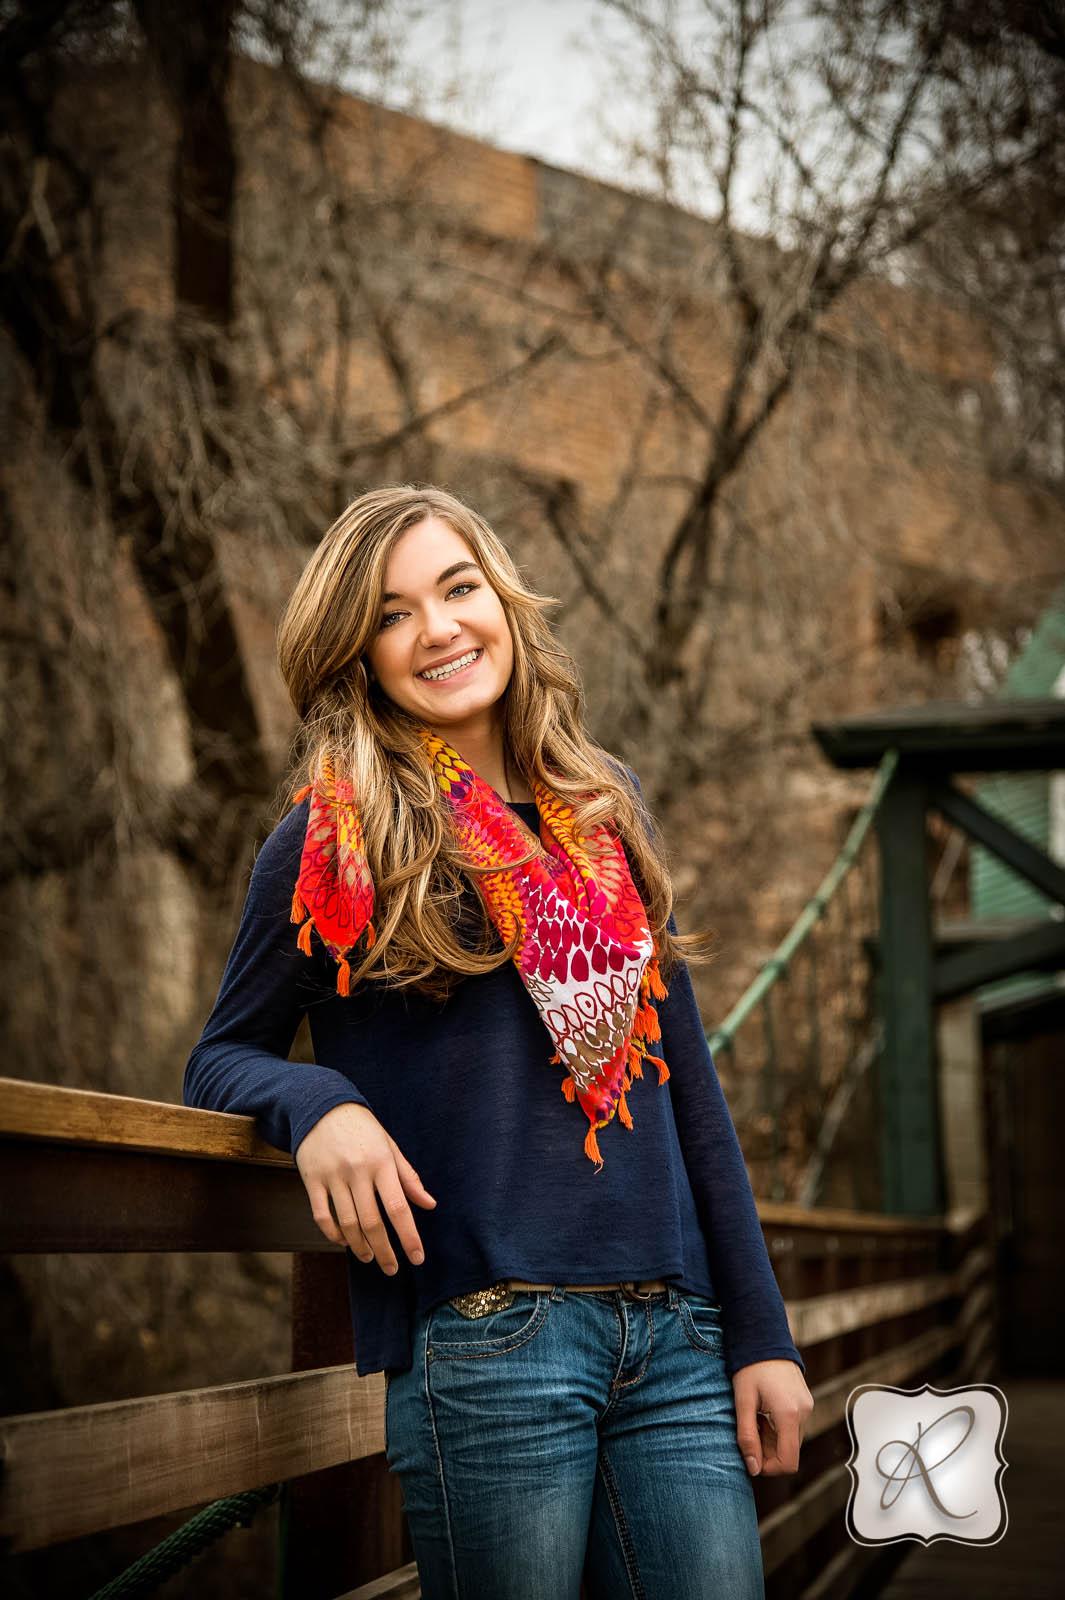 Katie S Fun Senior Portraits Durango Wedding And Family